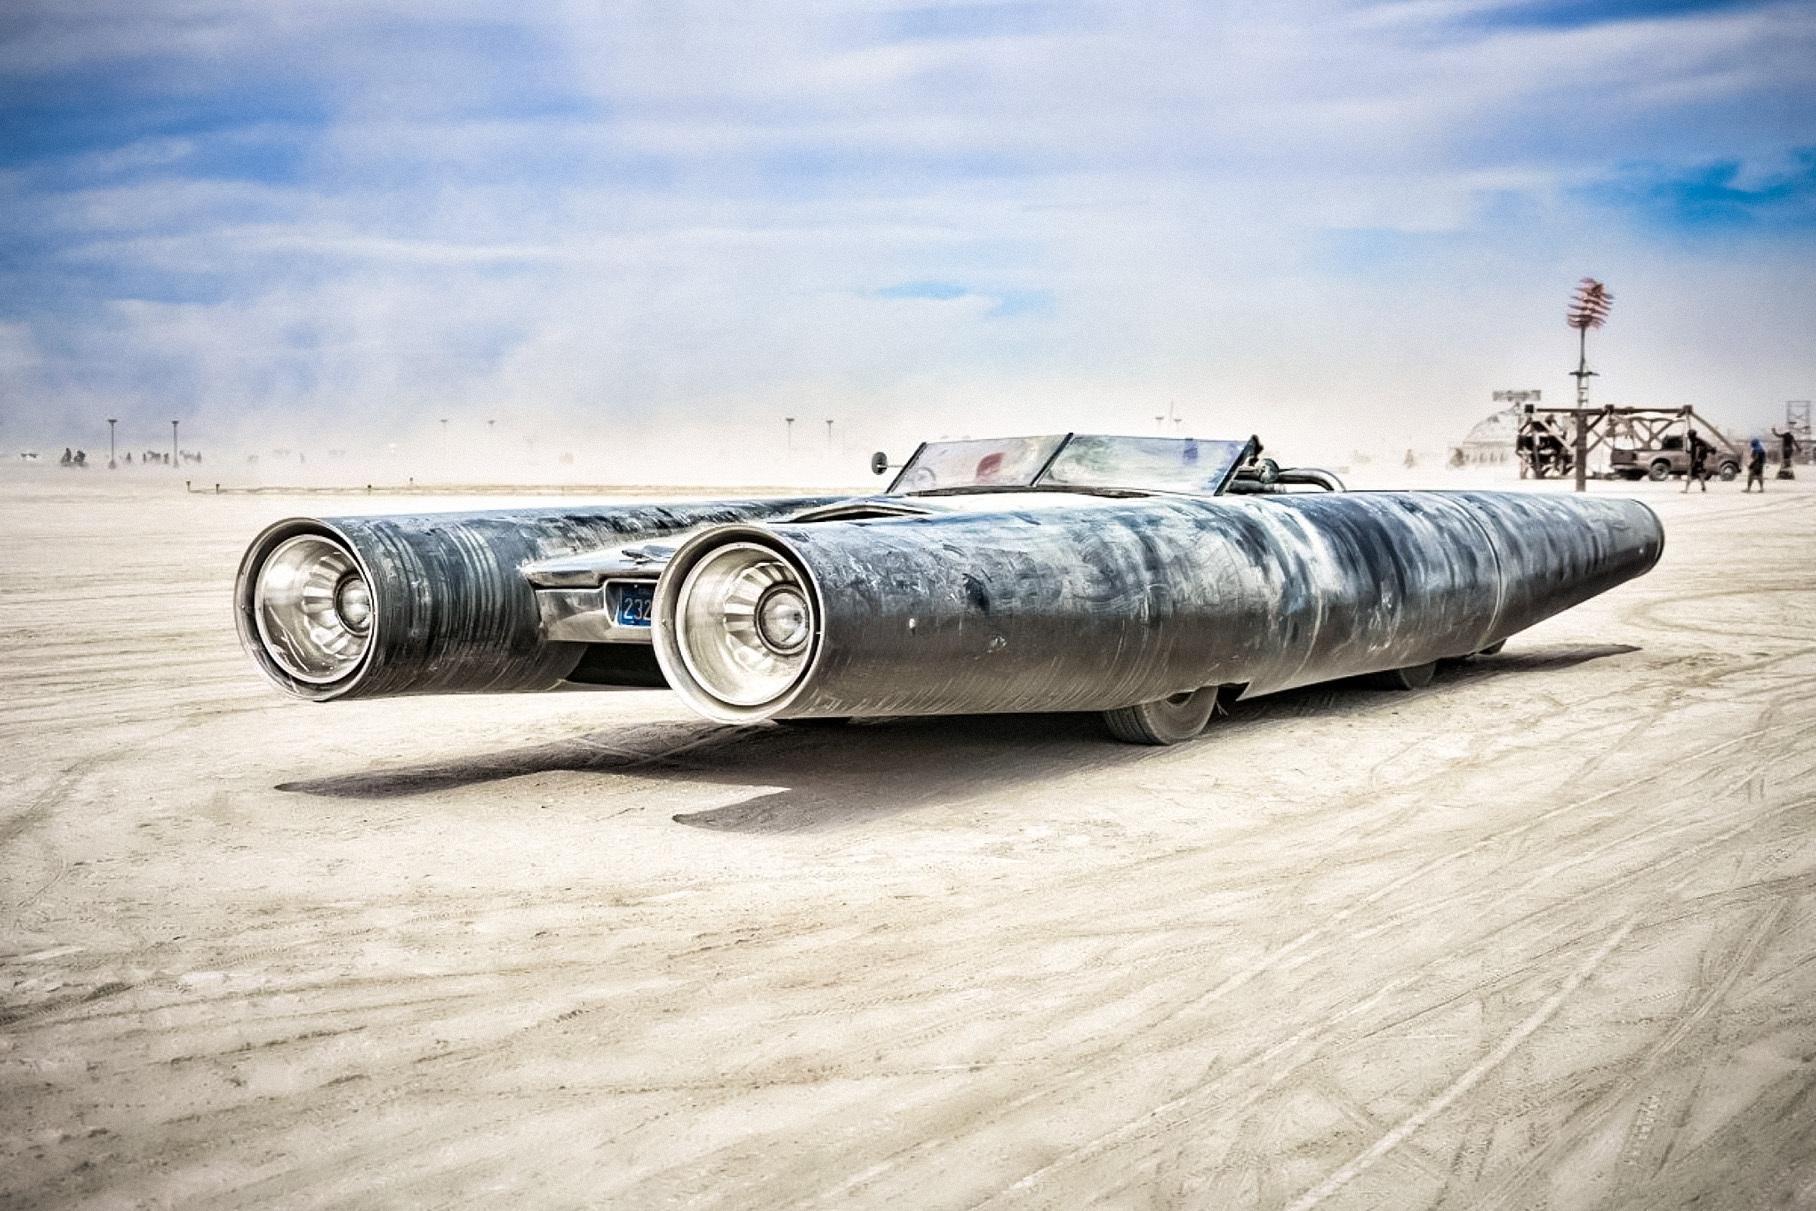 Организаторы фестиваля Burning Man продают уникальные «автомобили-мутанты»